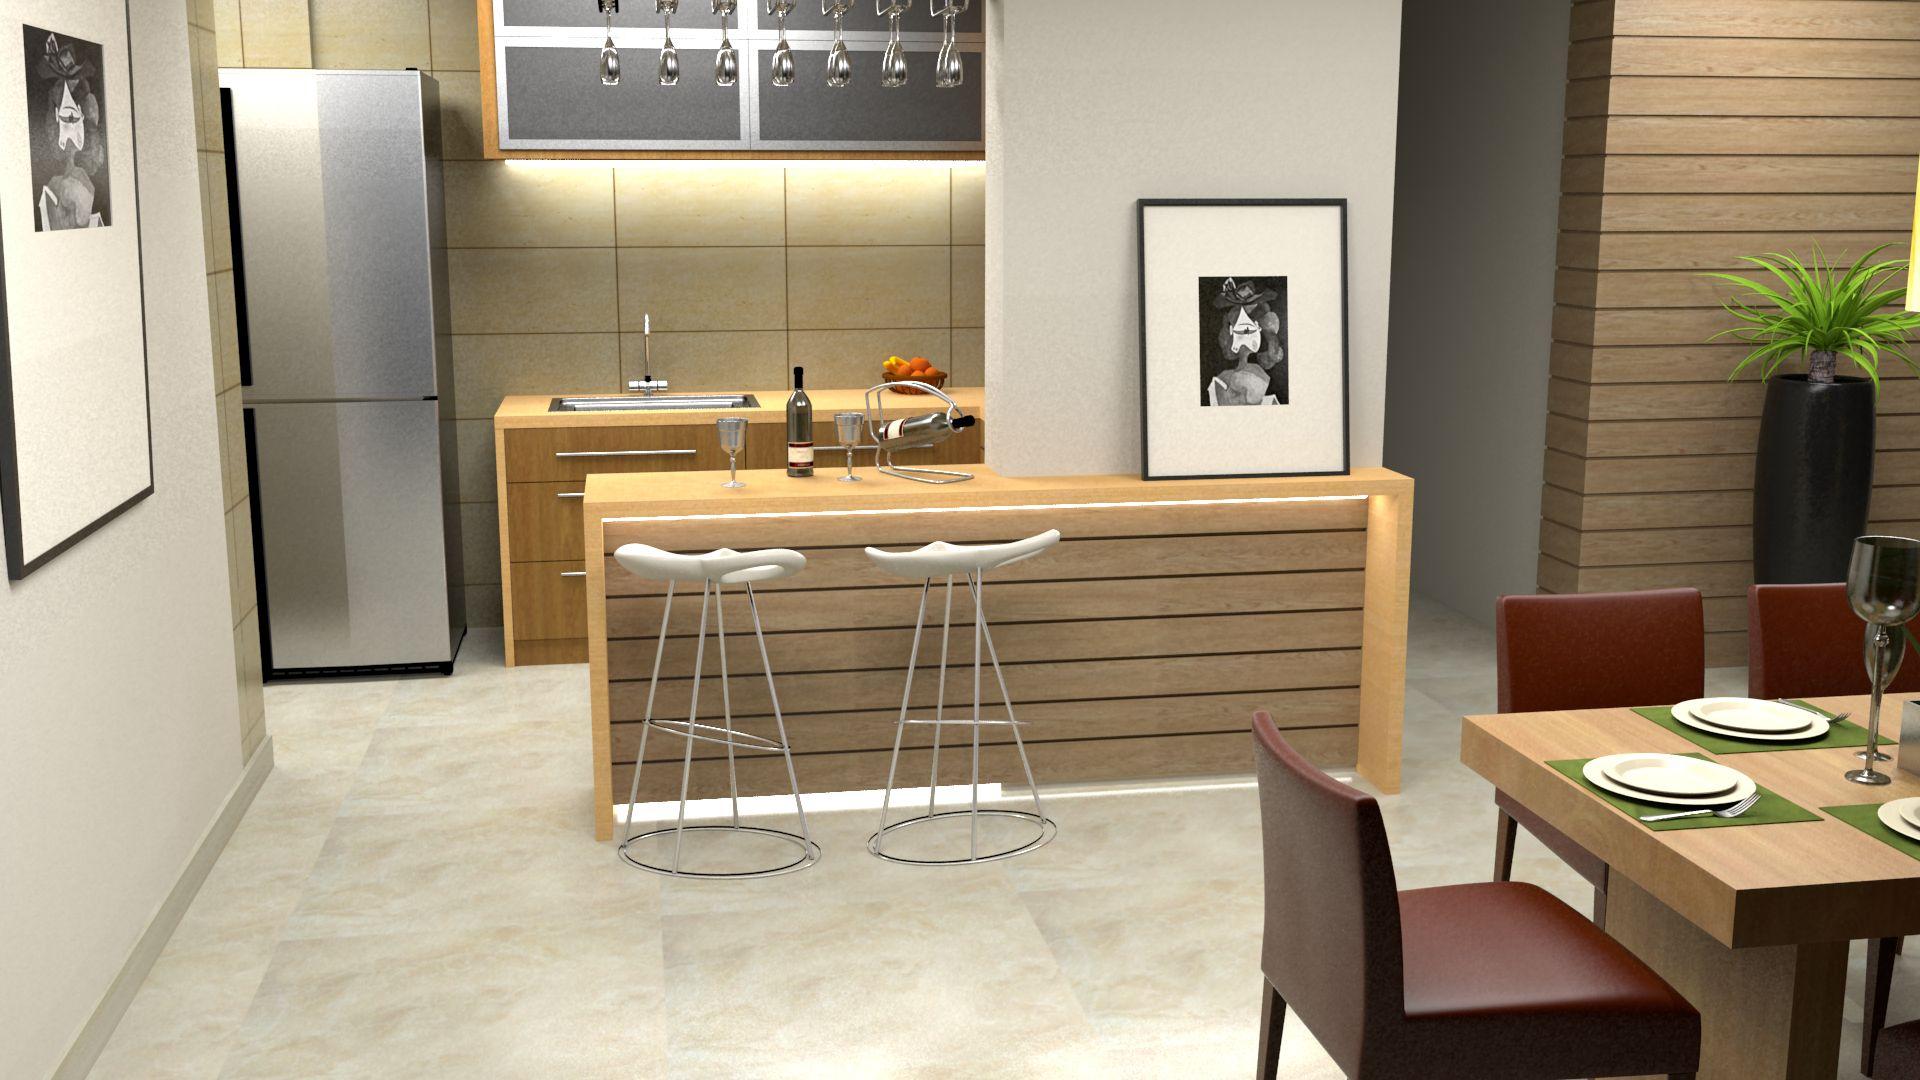 Éclairage pour meuble en métal NS30 by Normasym